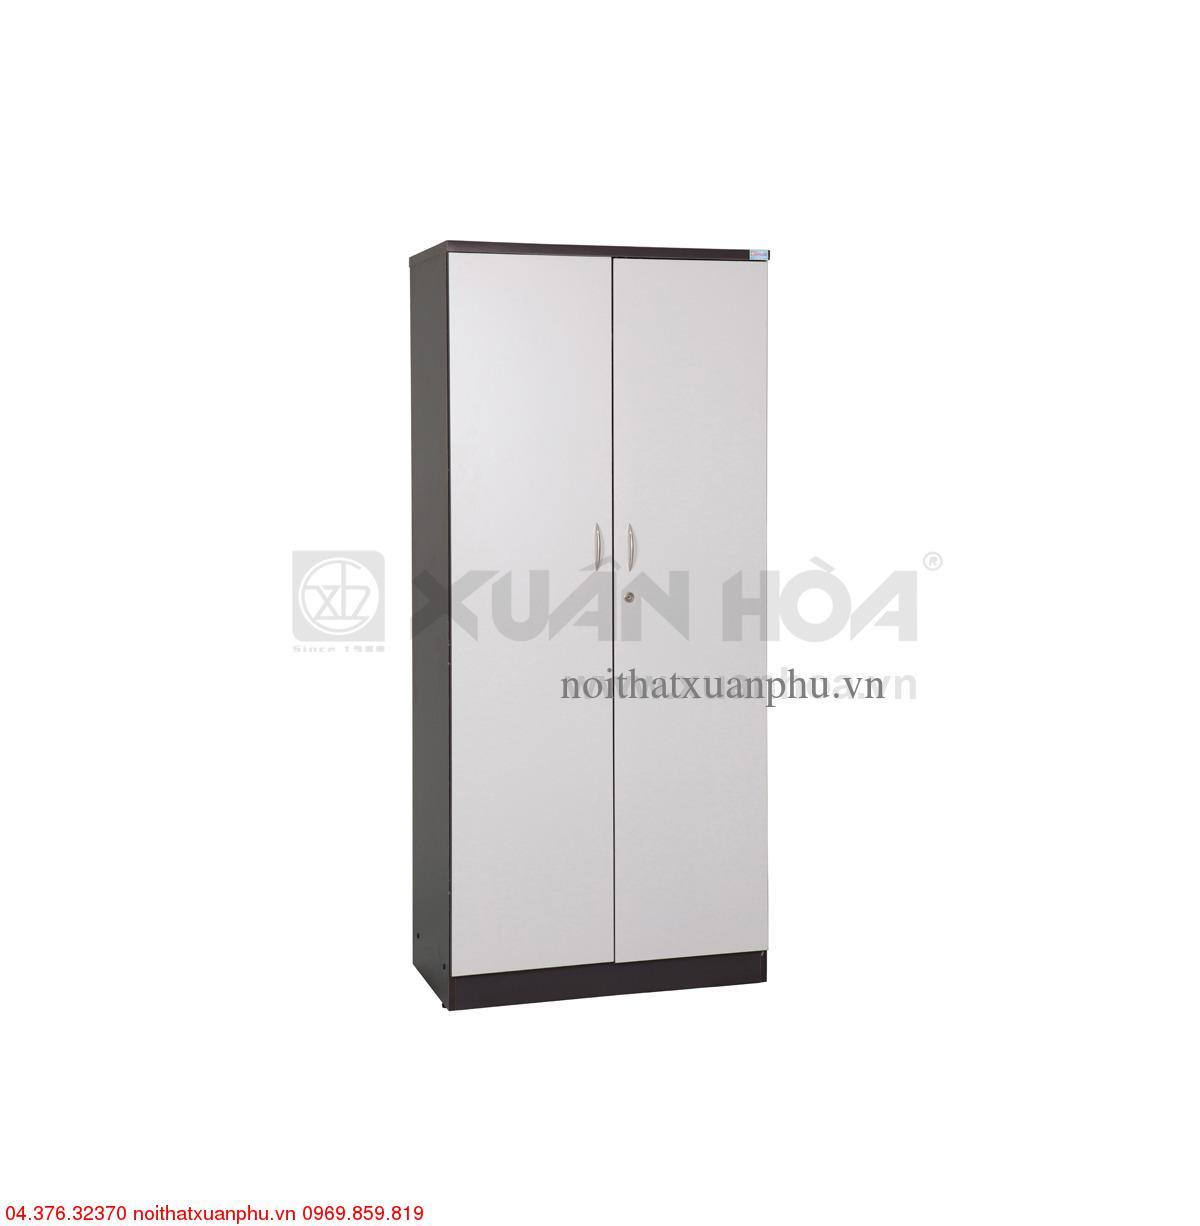 Hình ảnh sản phẩm Tủ gỗ văn phòng Xuân Hòa TG-10-00 80 x 42 x 184 cm